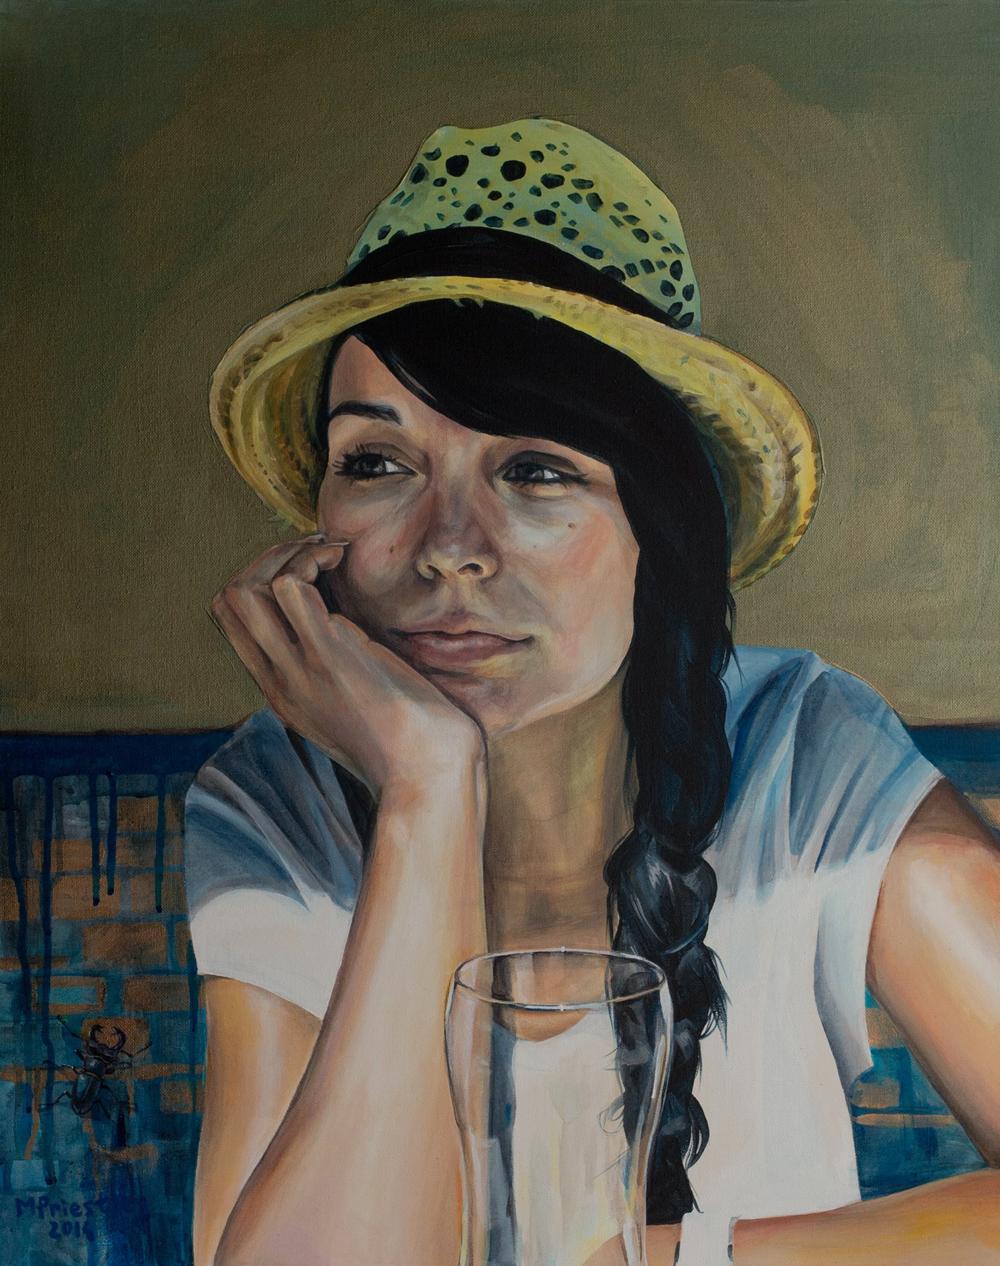 portrait painting woman hat